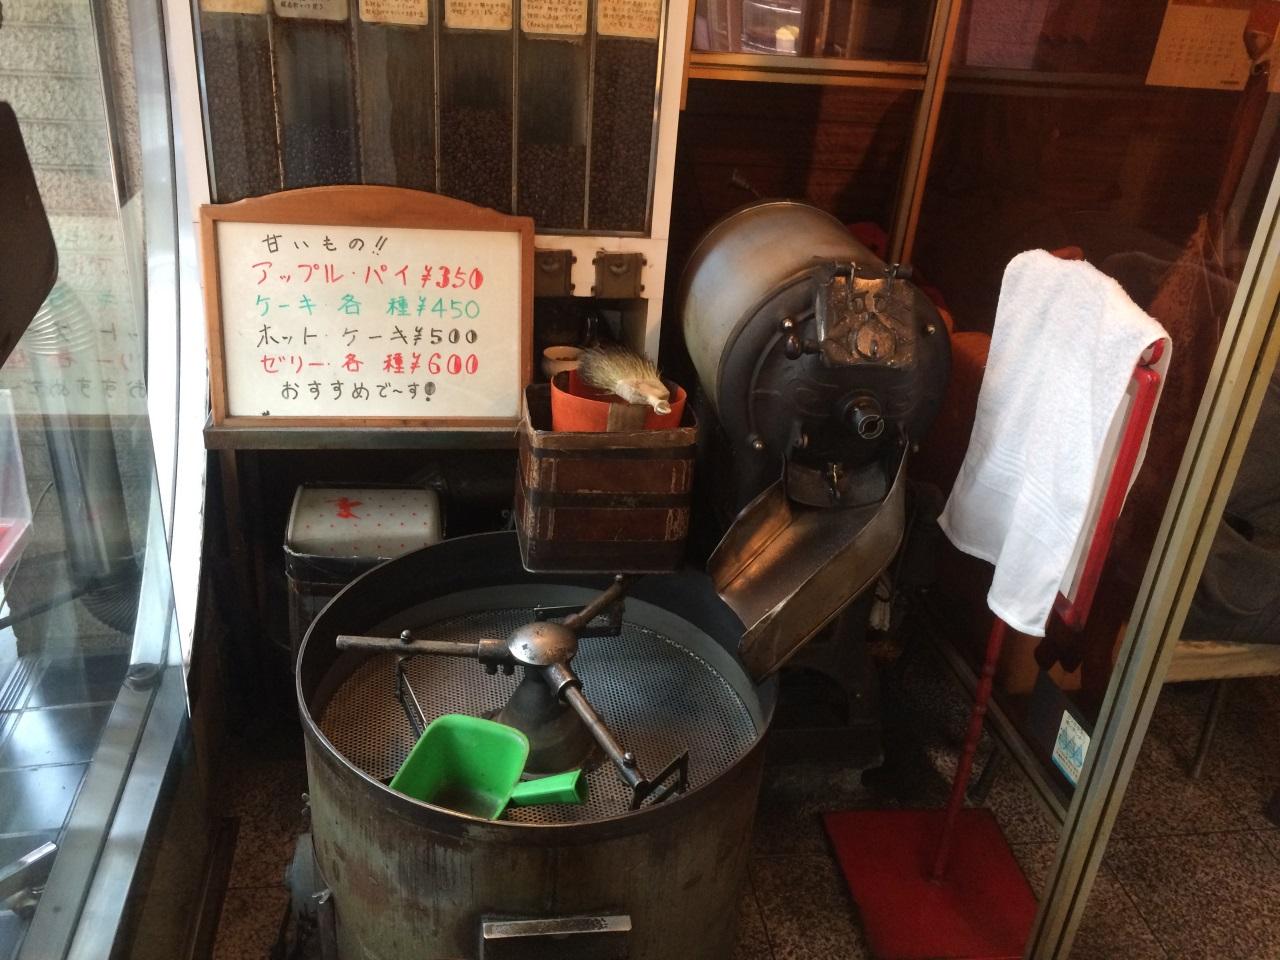 珈琲のオンリーの焙煎機